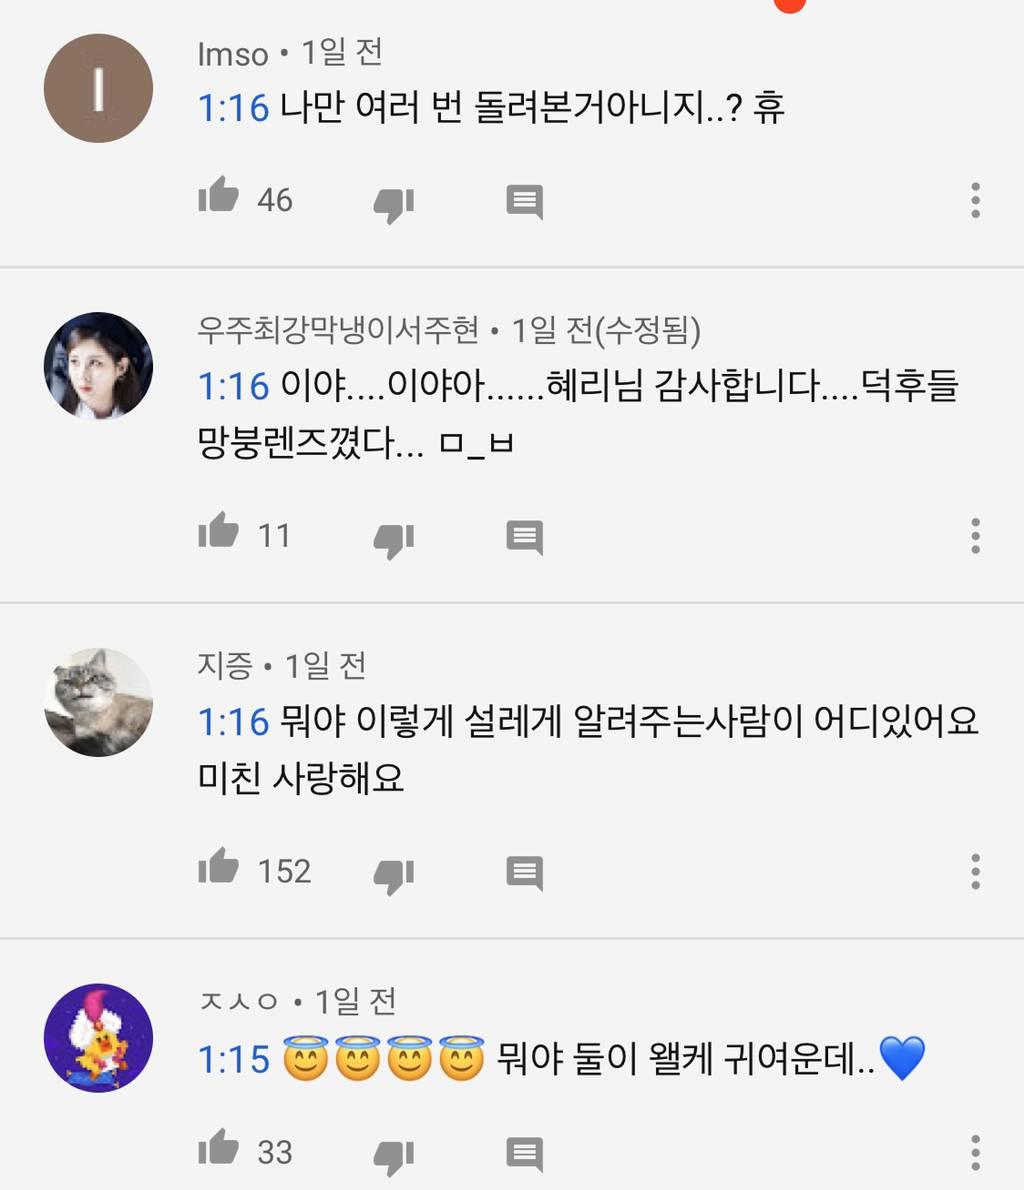 놀토 혜리 태연 귓속말을 본 유튜브 댓글 반응 | 인스티즈